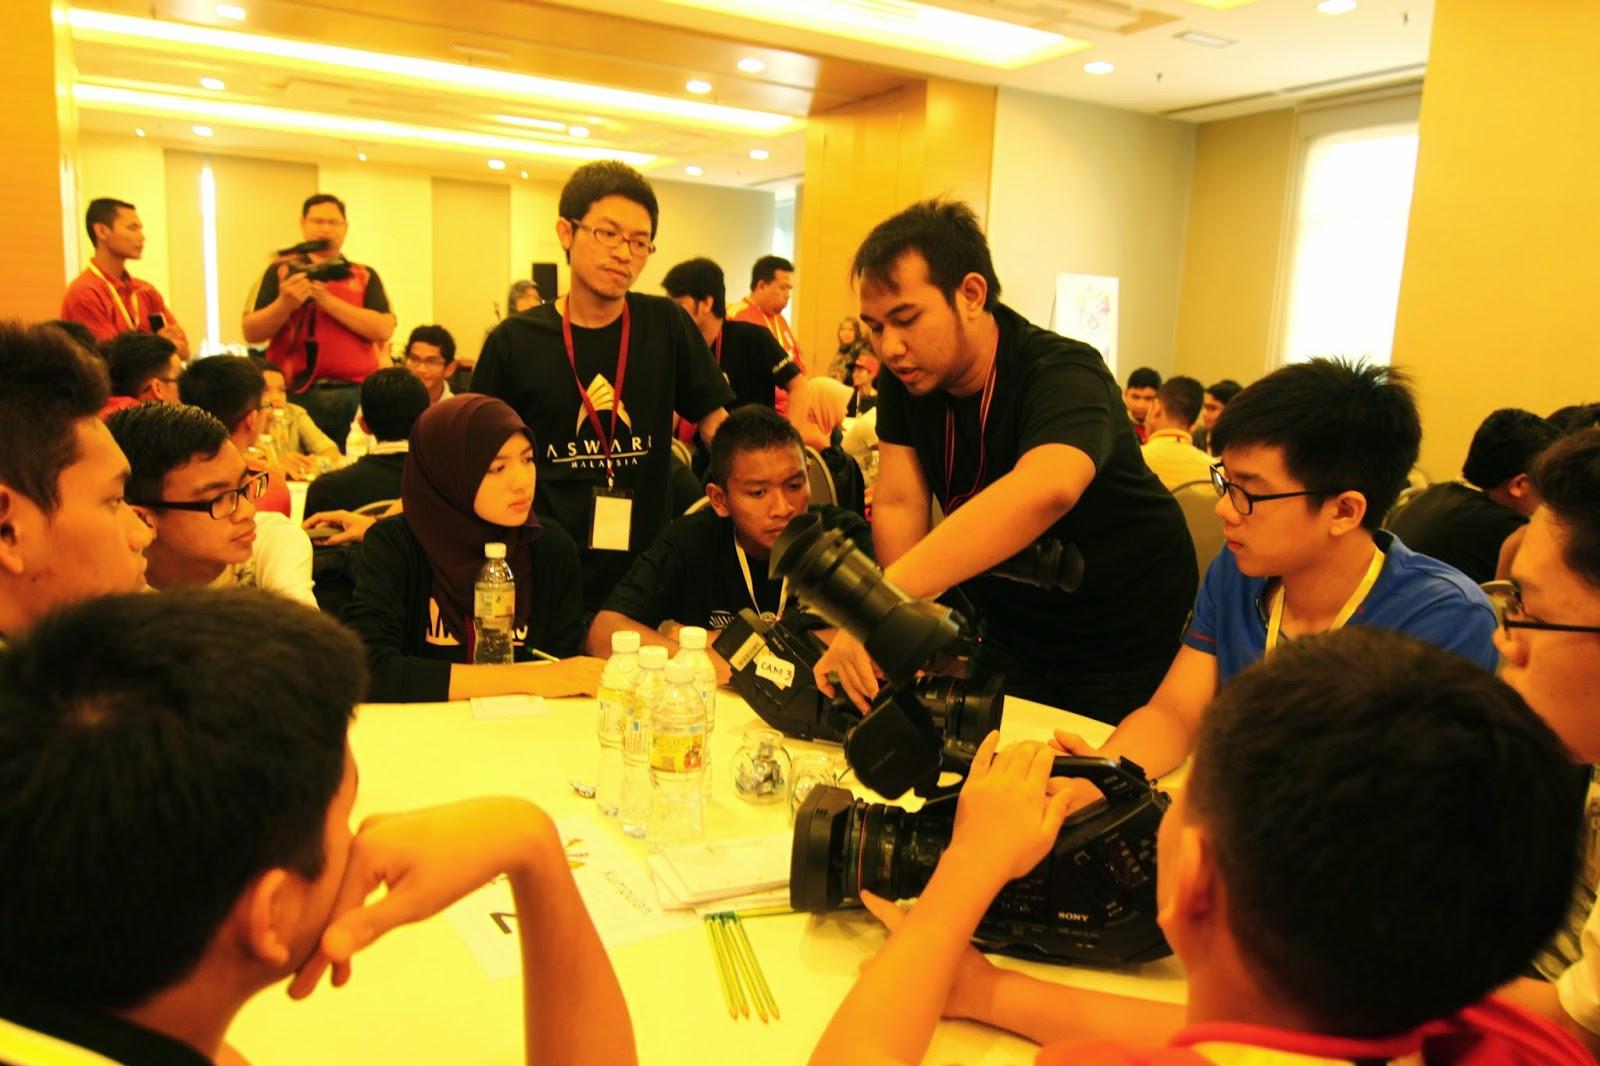 penerangan ringkas mengenai penggunaan kamera yang akan digunakan, iaitu Sony DX3 oleh abang fasi Syafik